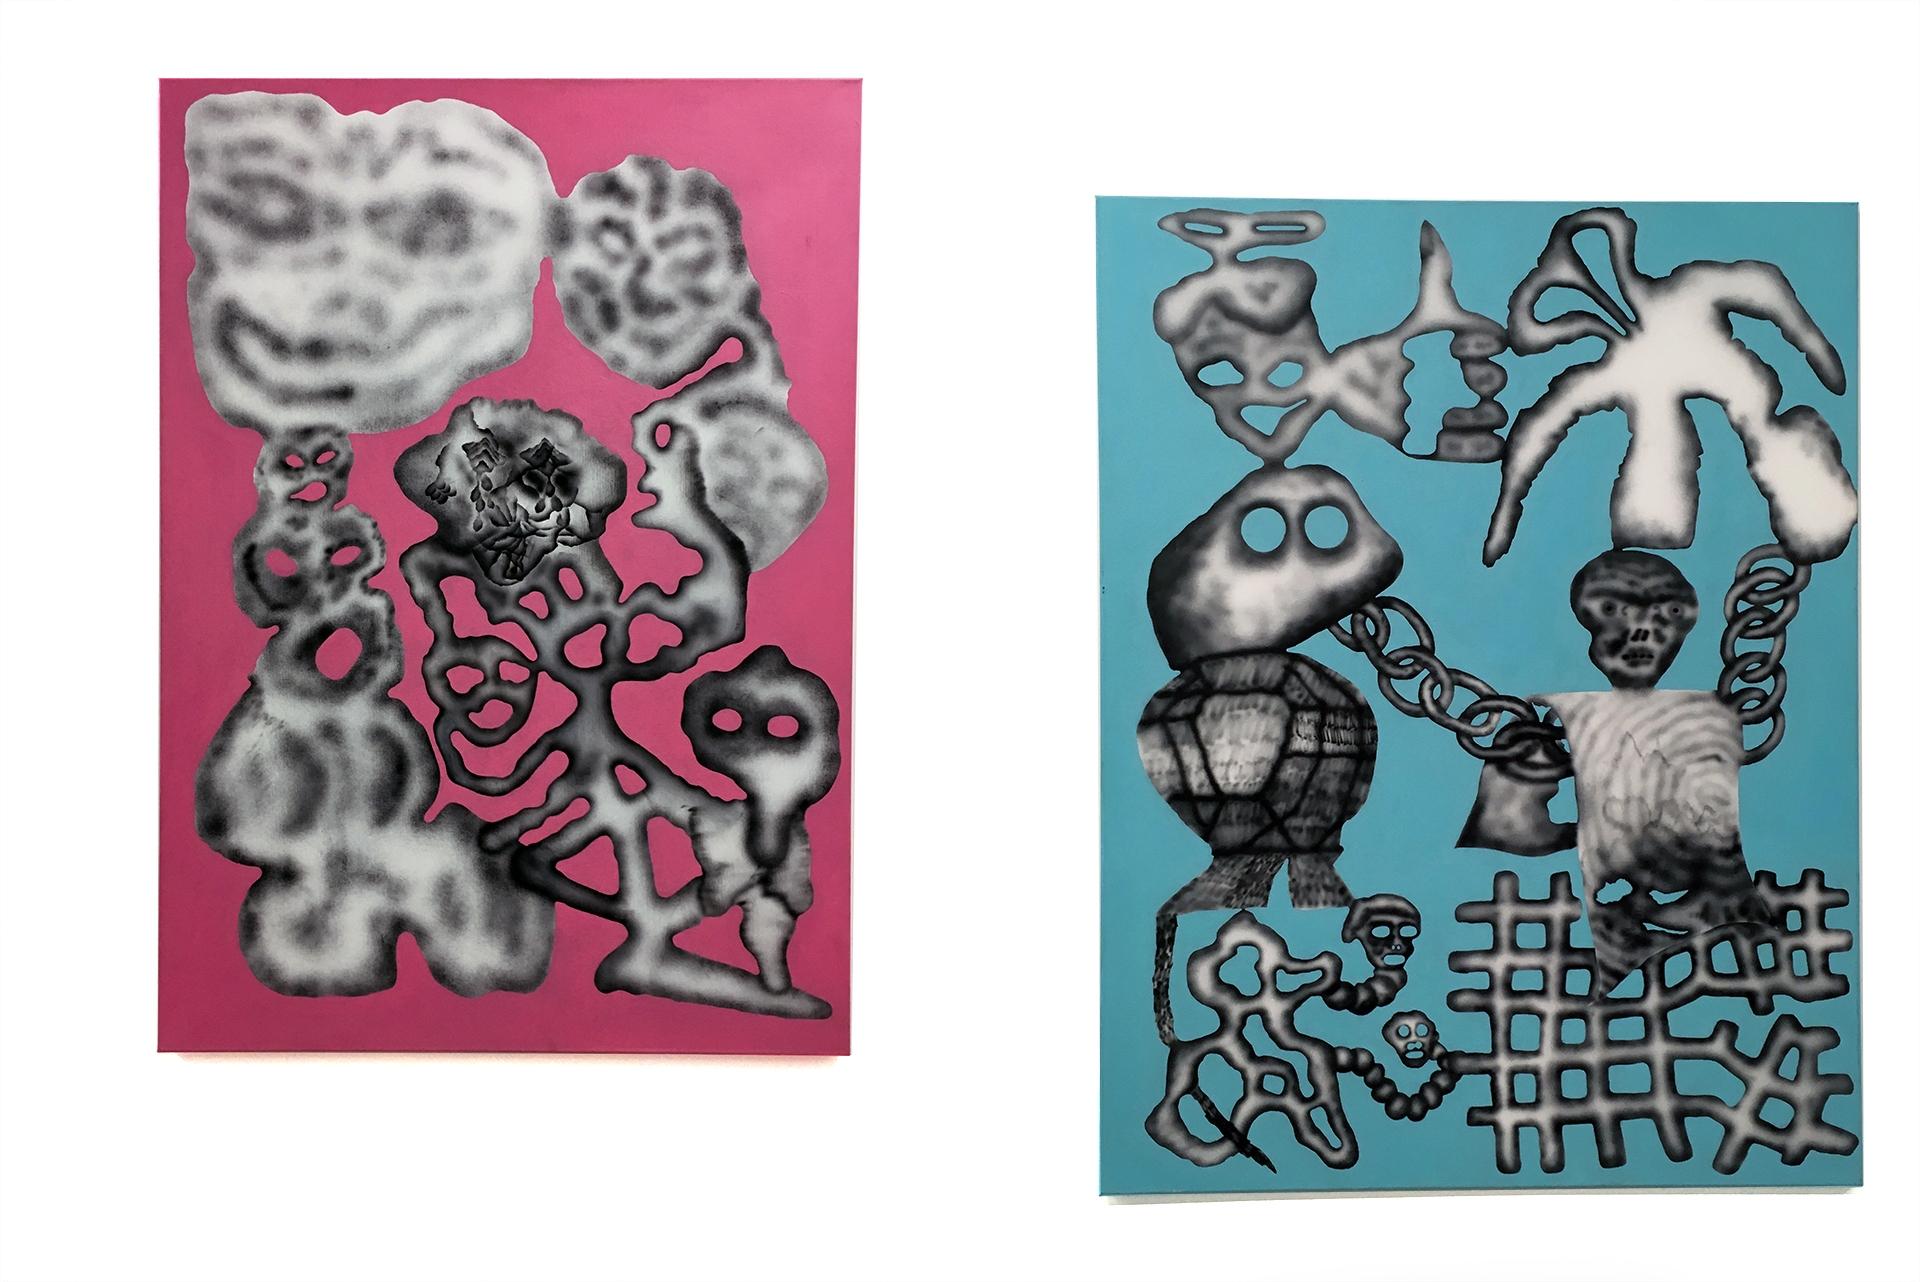 Obraz przedstawia dwa obrazy artysty. Jeden w tonacji różowej, drugi niebieskiej. Całość na białym tle.